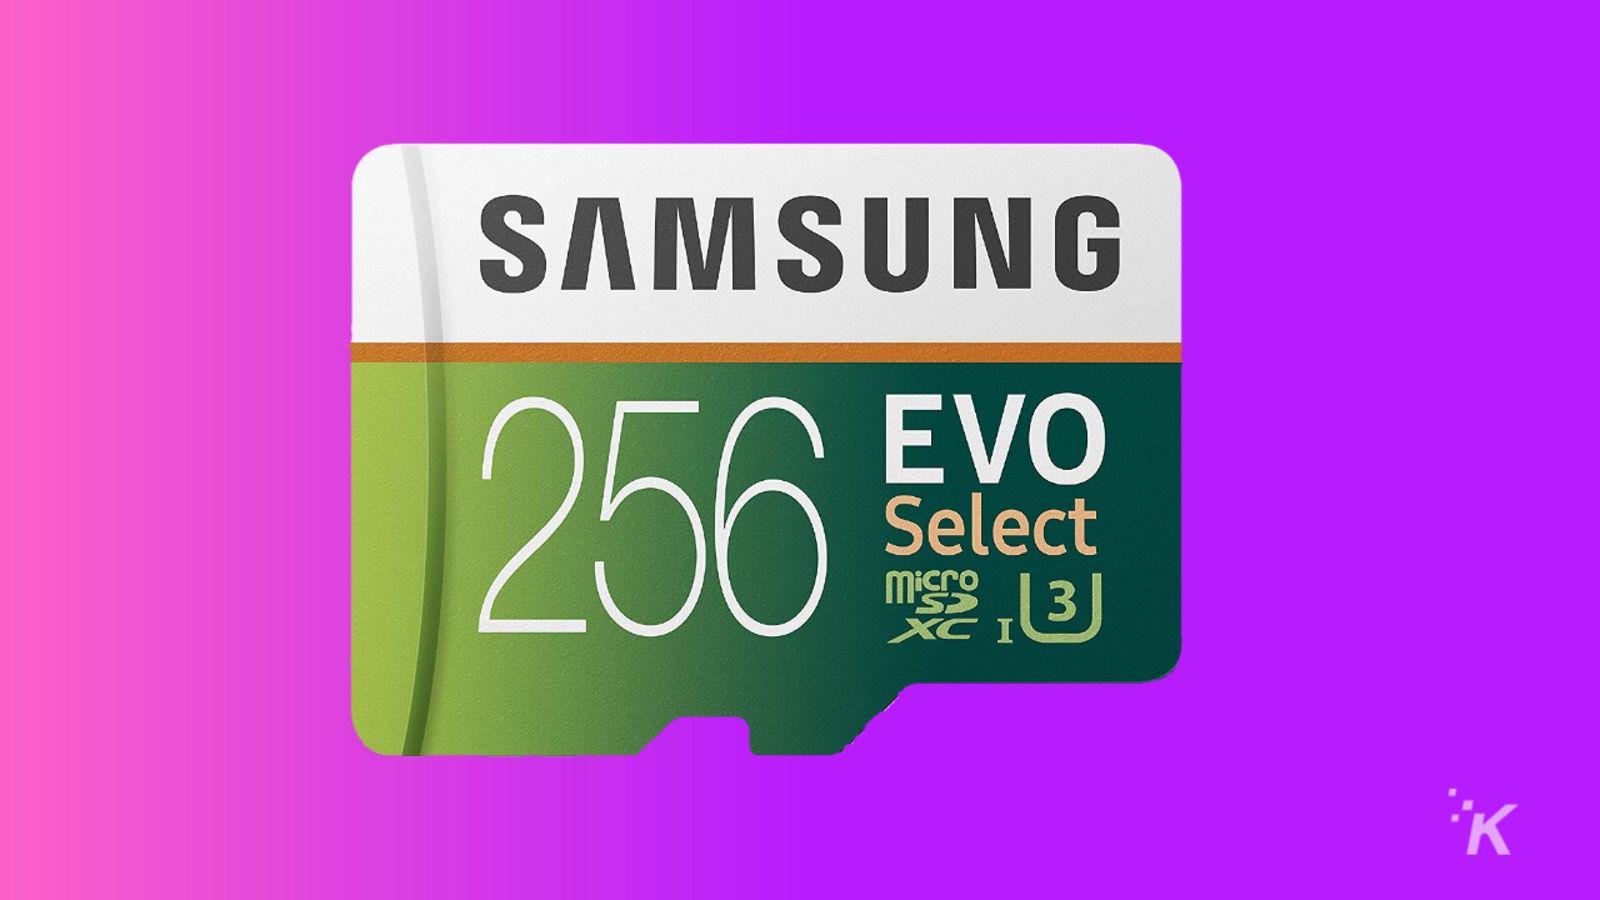 samsung 256gb